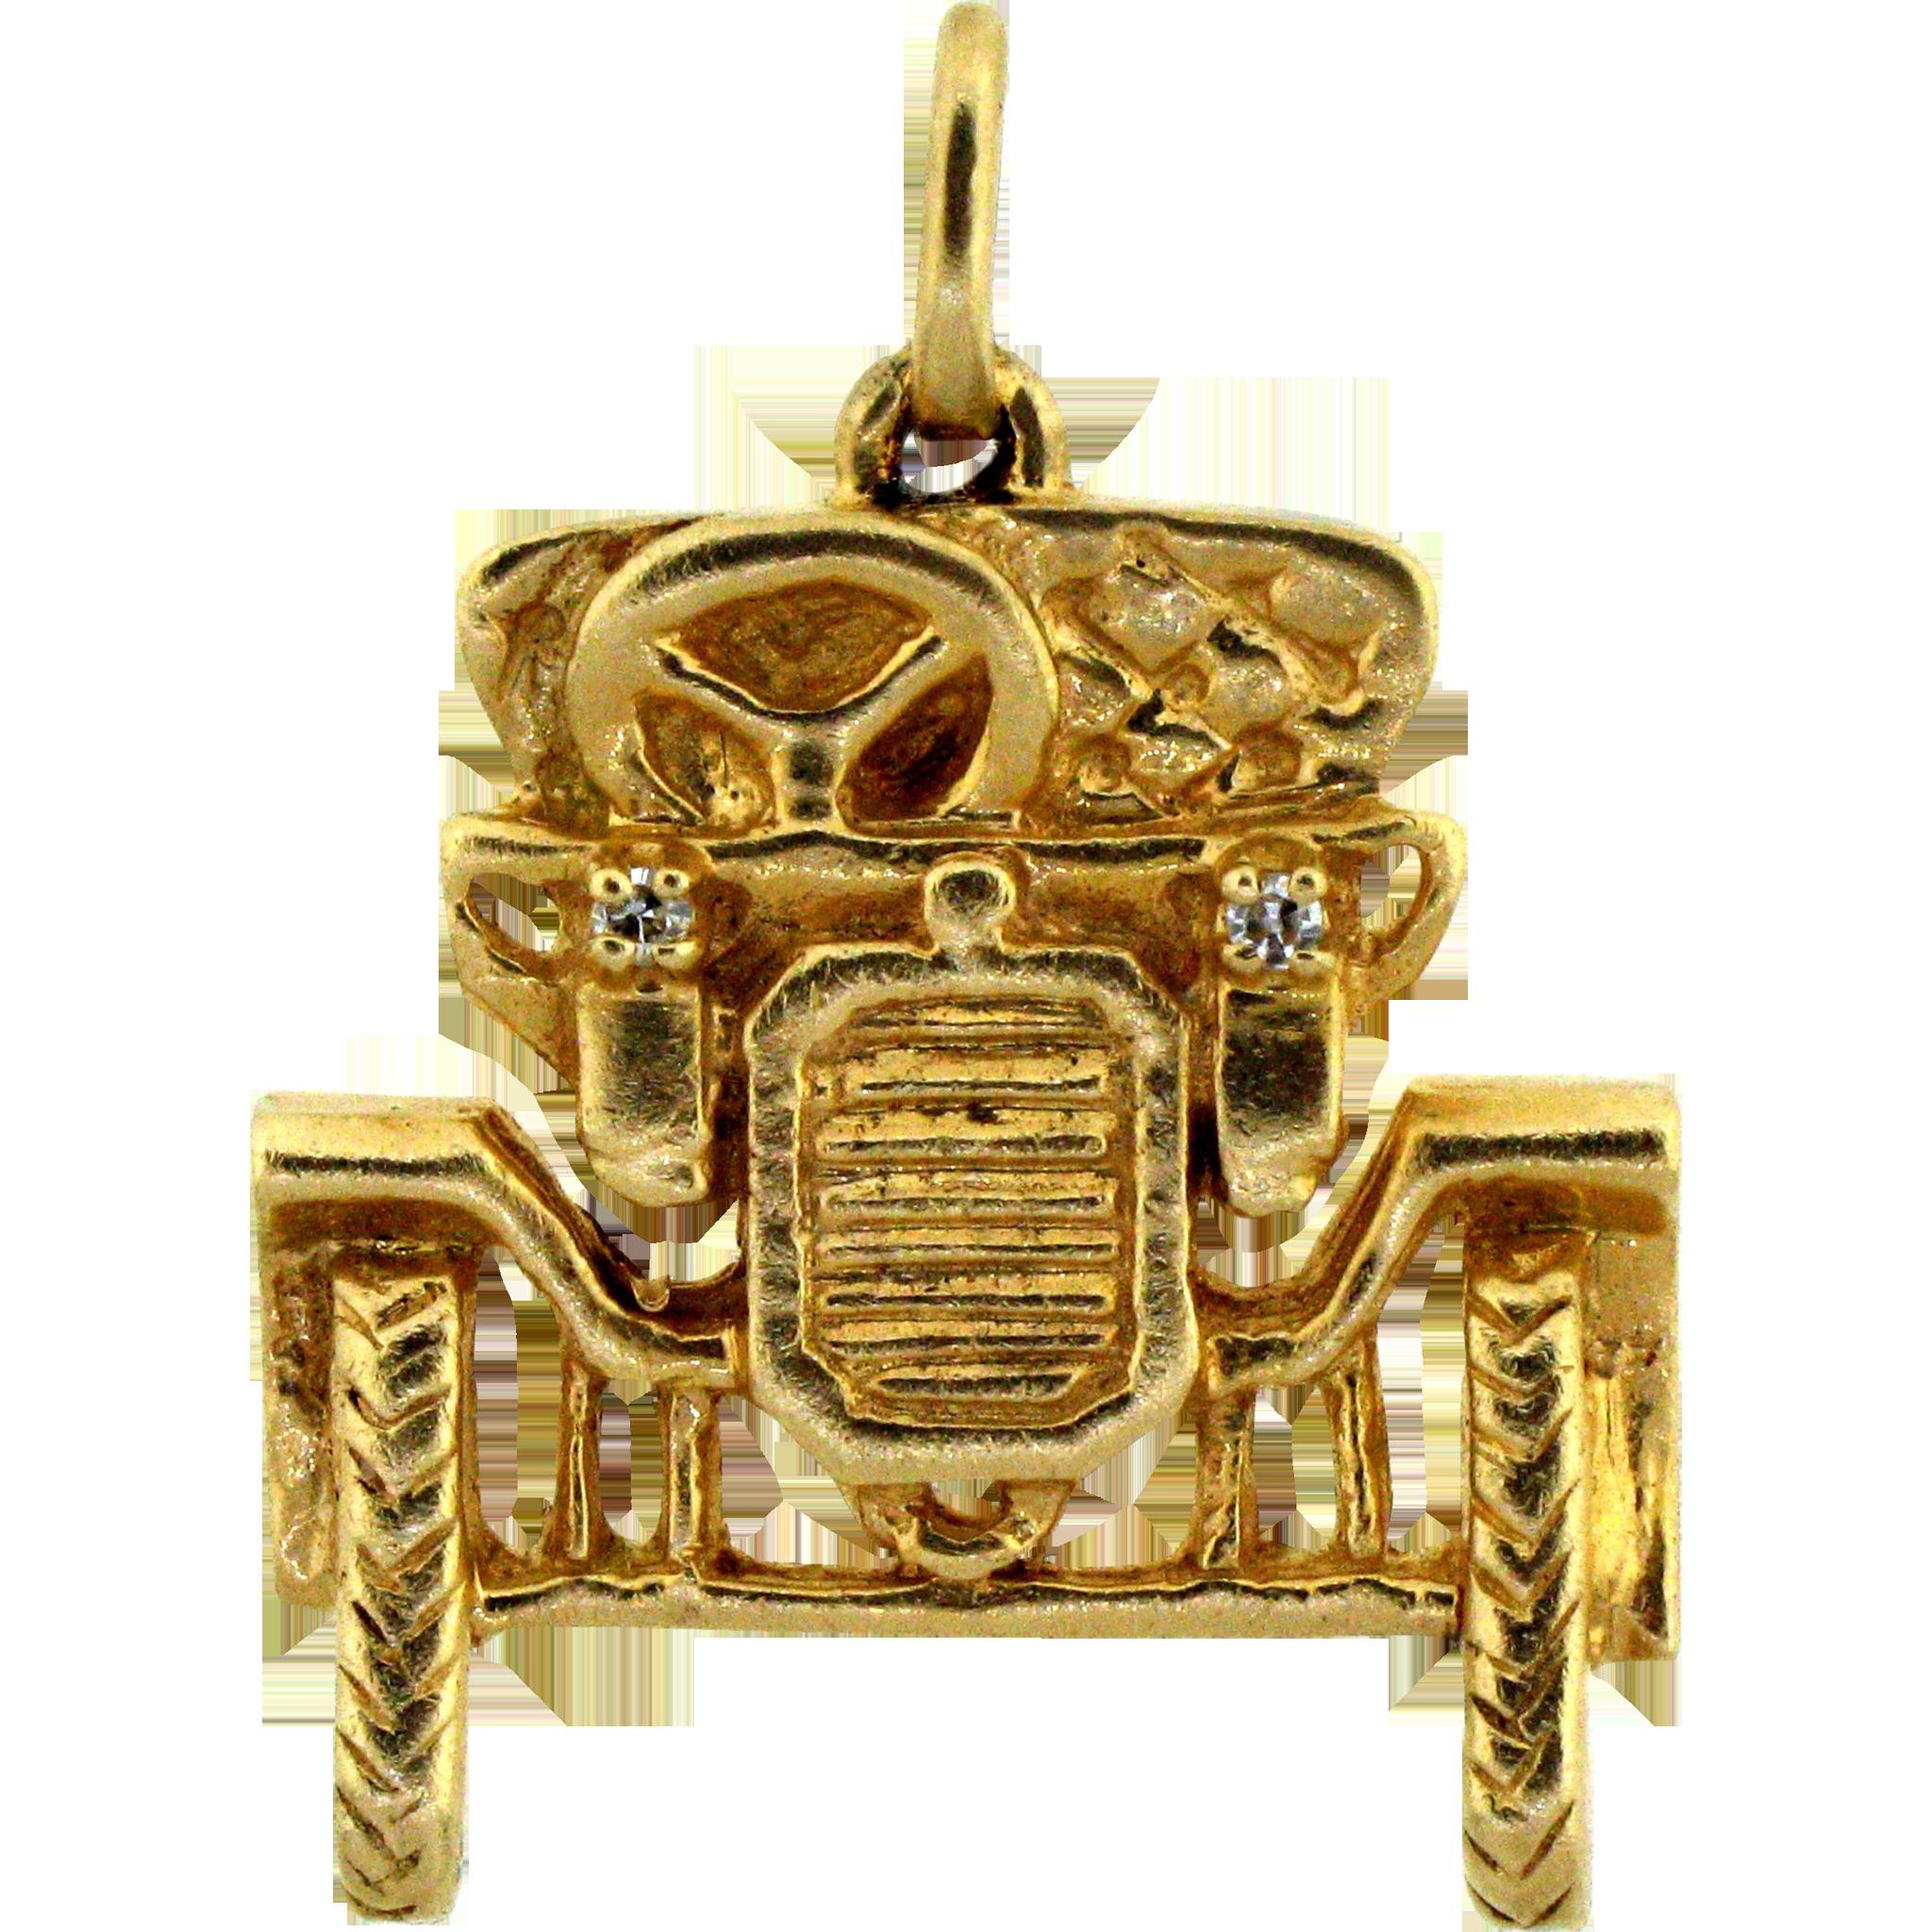 Unique 14 karat model t car pendant charm with diamond for 14k gold mercedes benz pendant